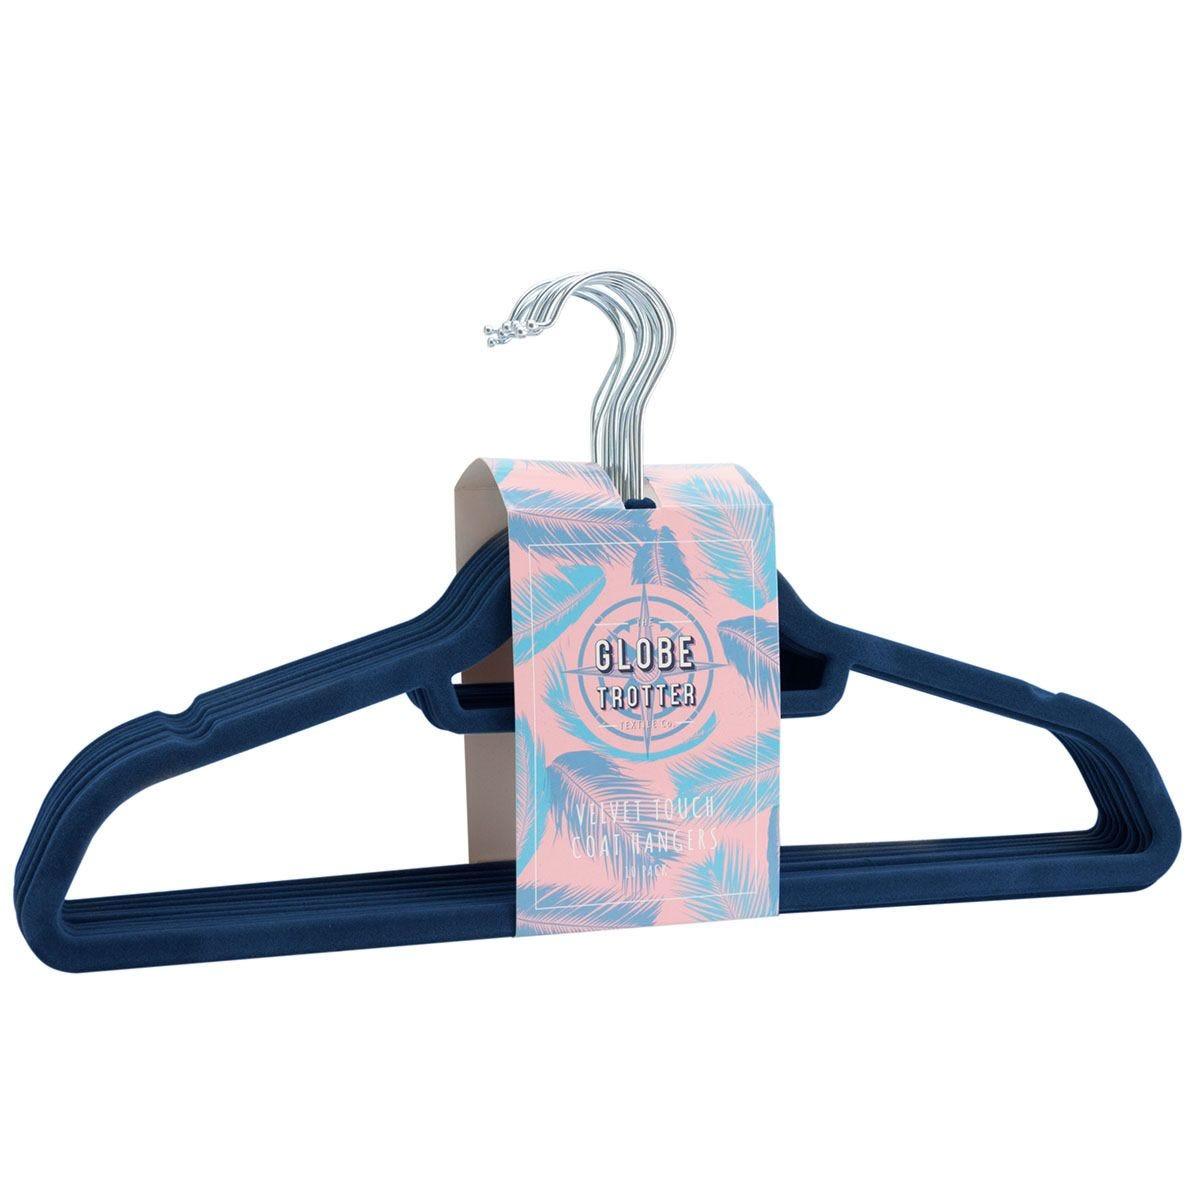 Globetrotter Velvet Touch Coat Hangers Pack of 10 - Blue